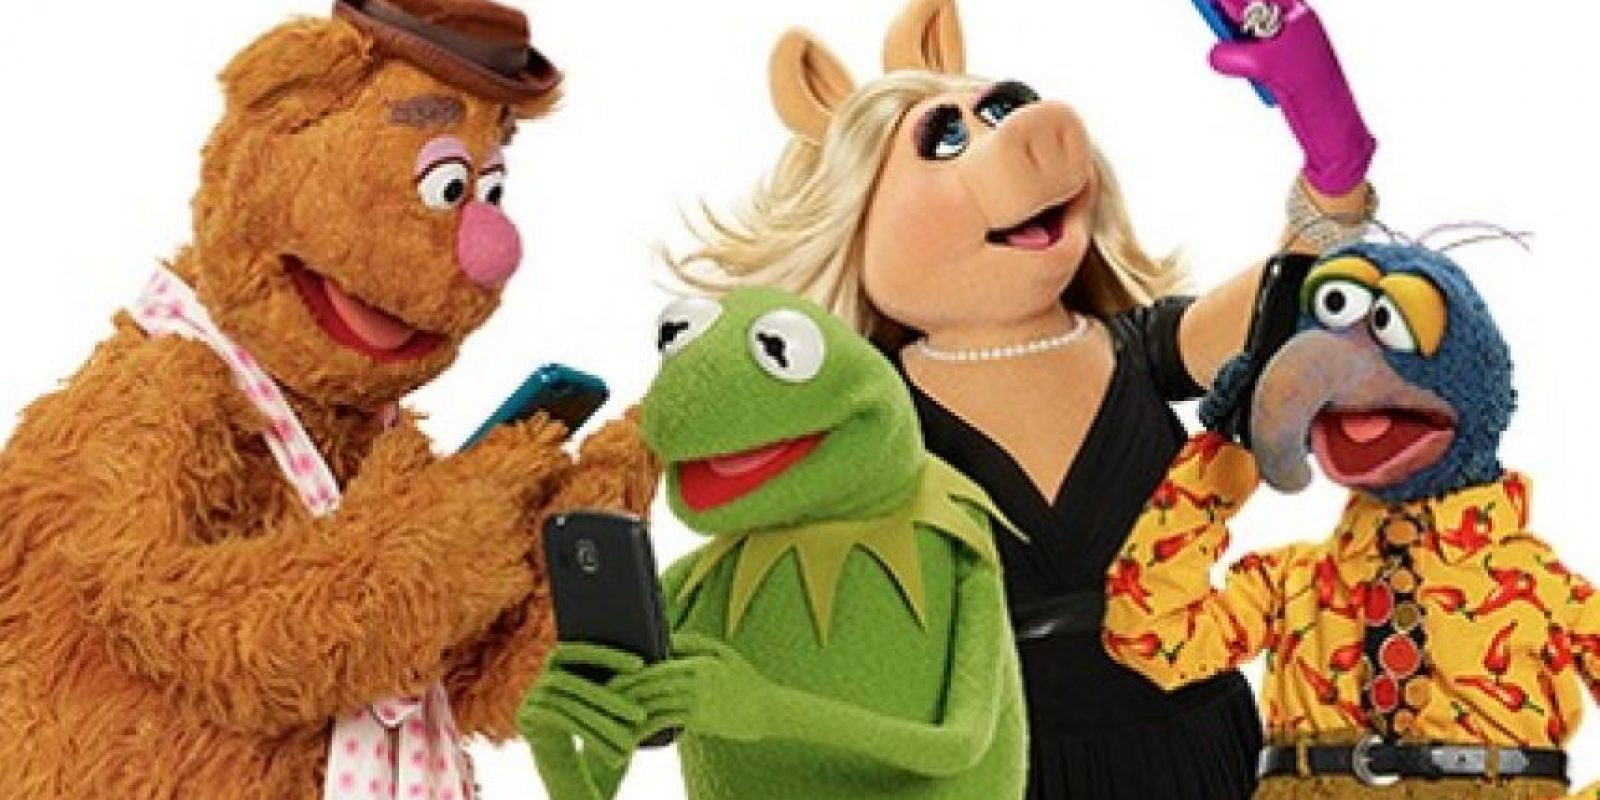 """El show de """"Los Muppets"""" llegará a la pantalla chica el próximo 22 de septiembre. Foto:Facebook/LosMuppets"""